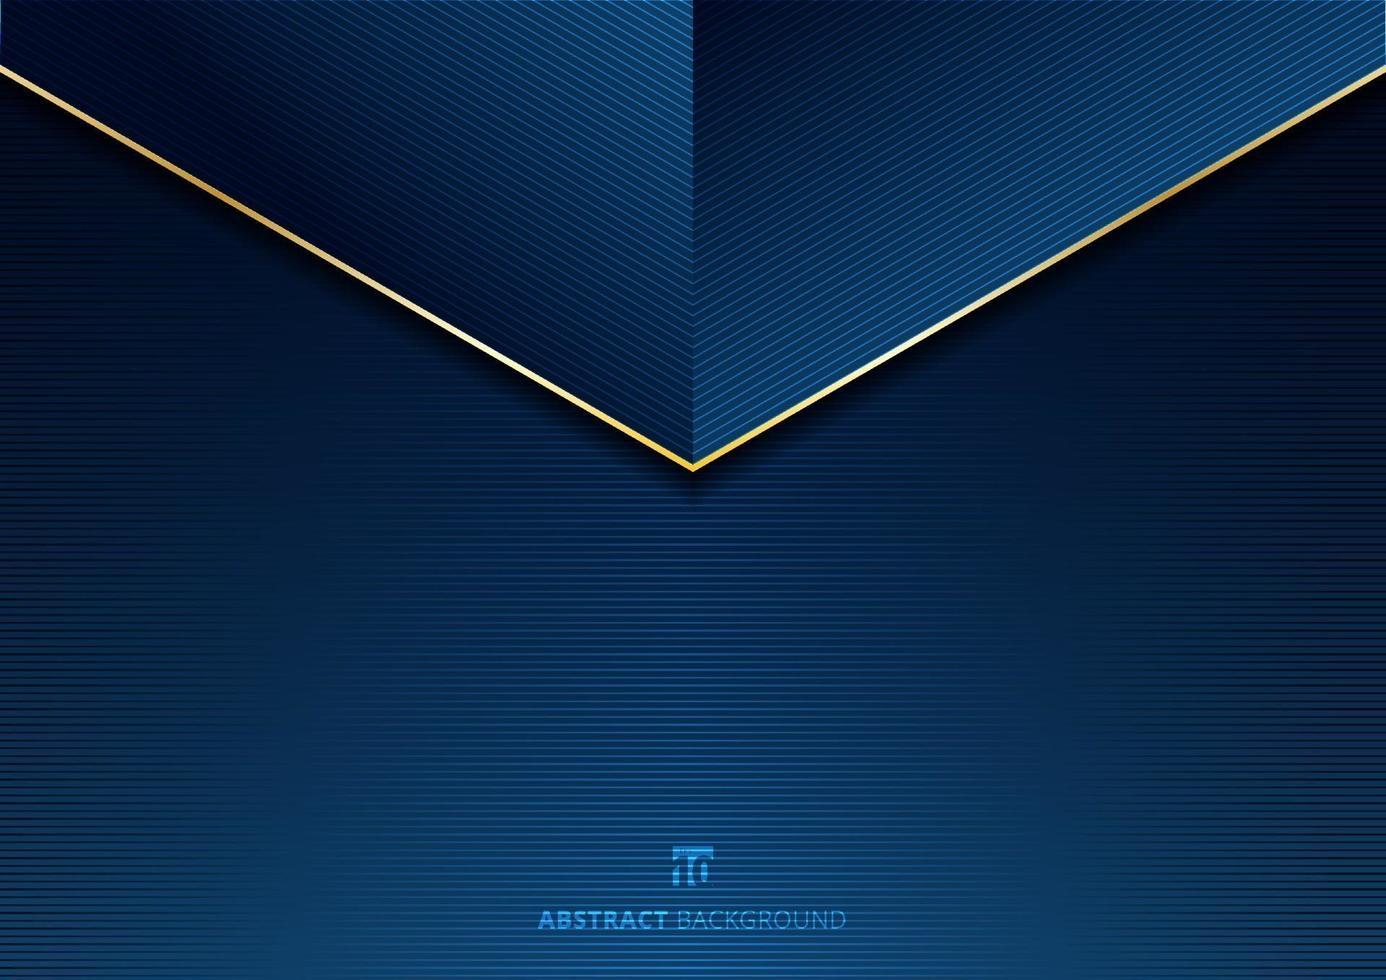 mall abstrakt triangelrubrik med gyllene linjer på blå bakgrundsstruktur. vektor